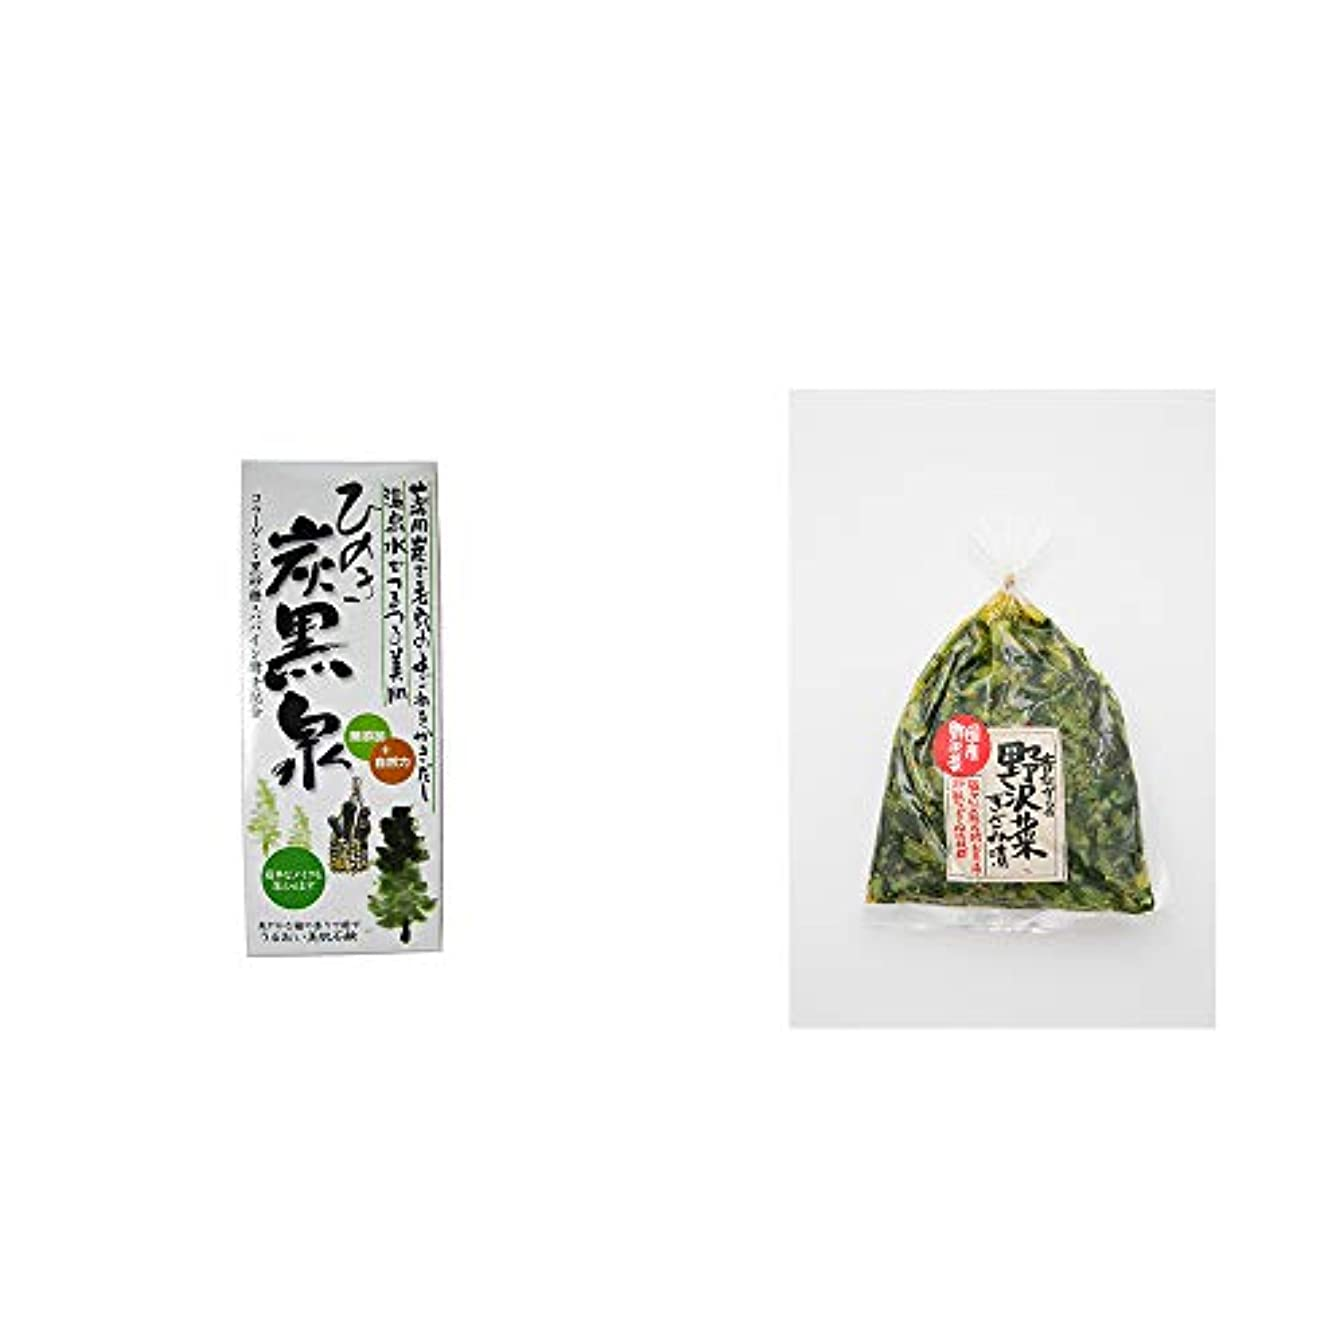 アナログ膨らませる銅[2点セット] ひのき炭黒泉 箱入り(75g×3)?国産 昔ながらの野沢菜きざみ漬け(150g)